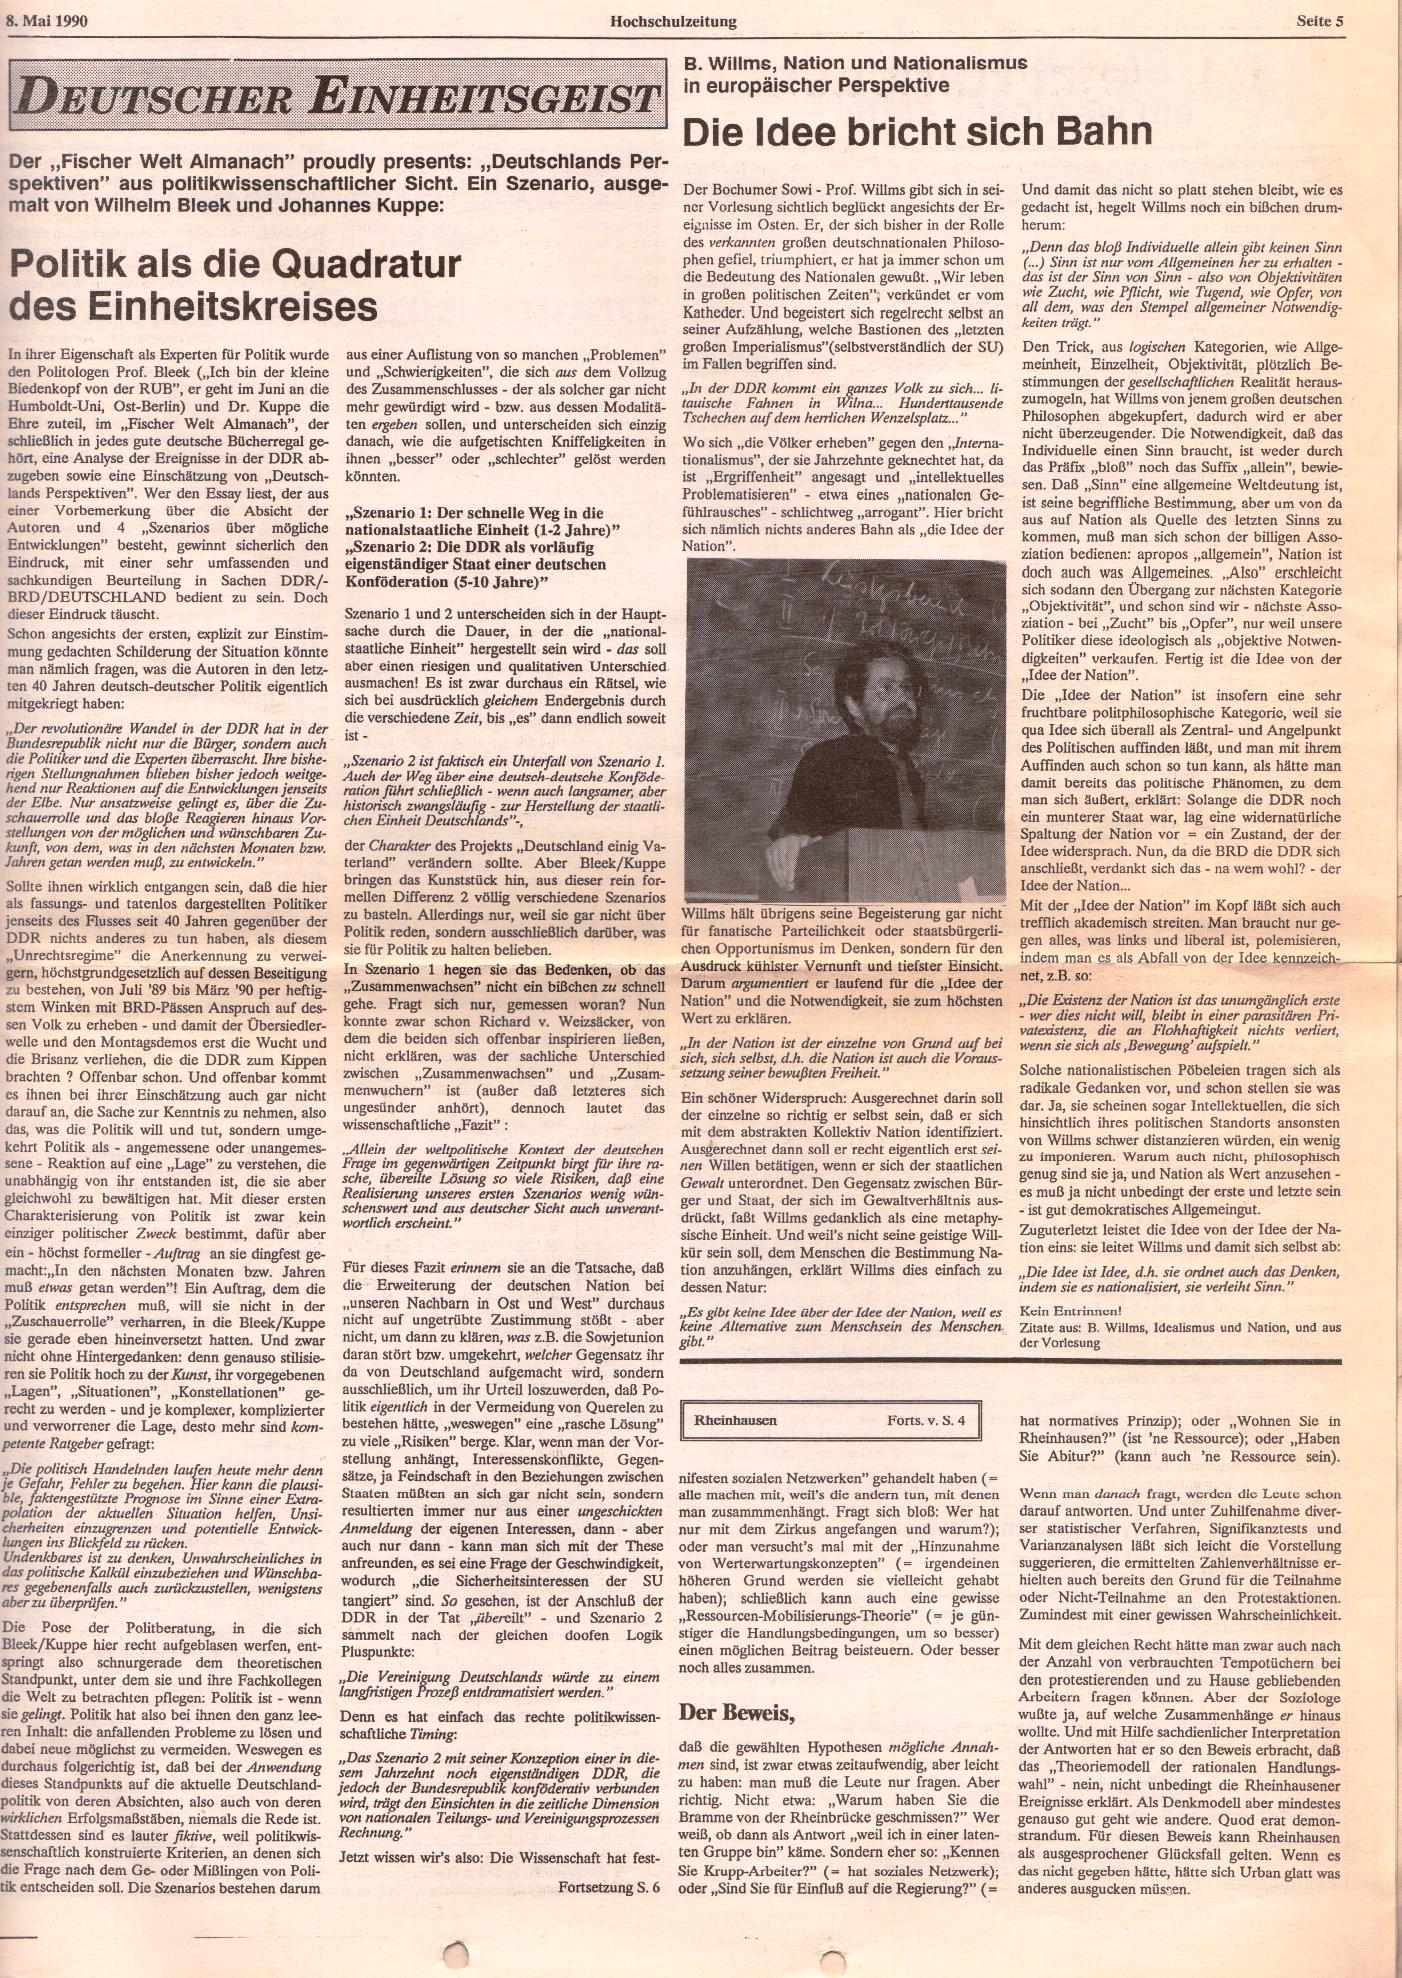 Ruhrgebiet_MG_Marxistische_Hochschulzeitung_19900508_05